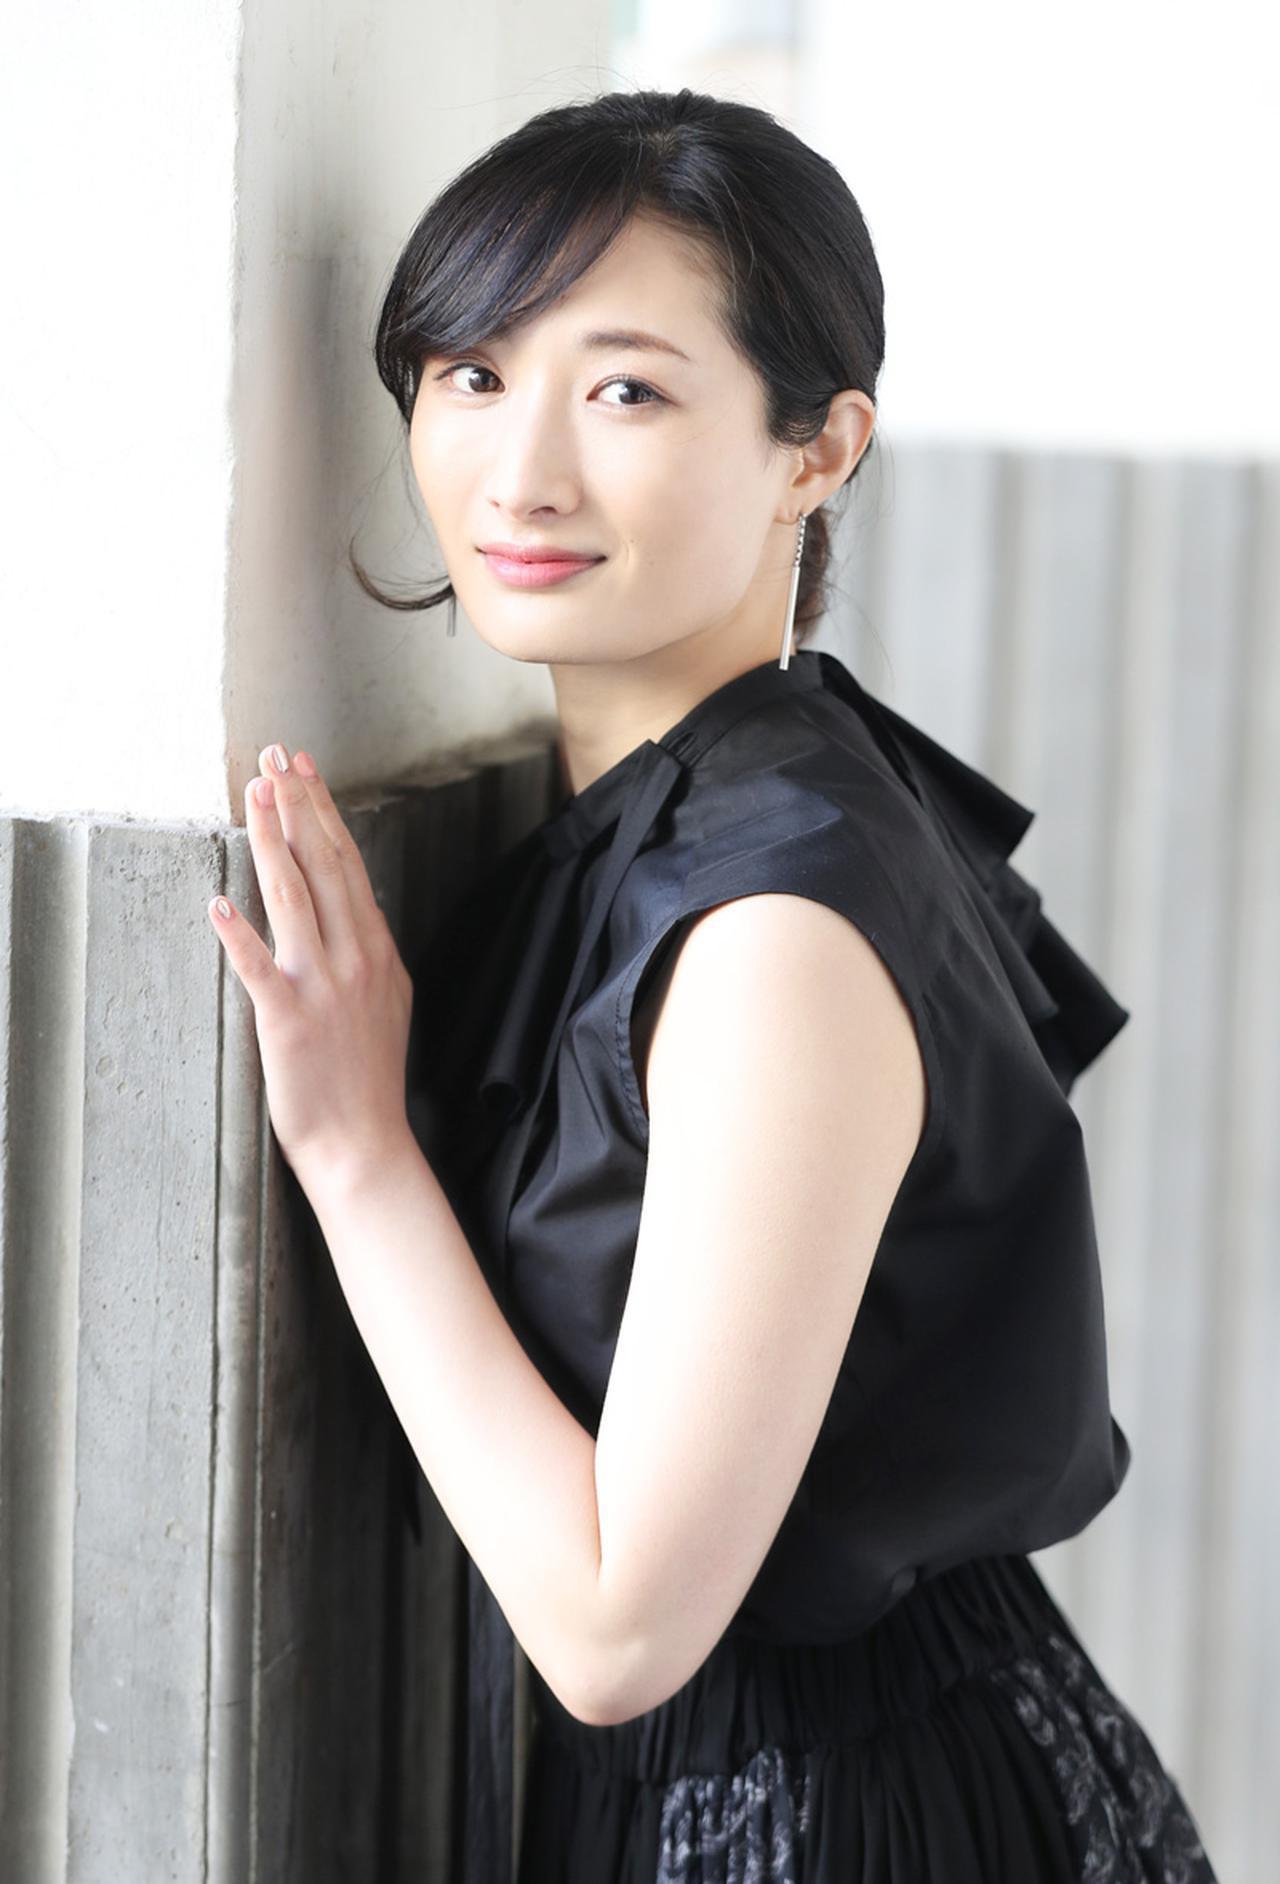 画像2: 「武田梨奈」の素が観られる? ブラックなロードムービー『いざなぎ暮れた。』が、いよいよ3月20日より東京で上映開始!